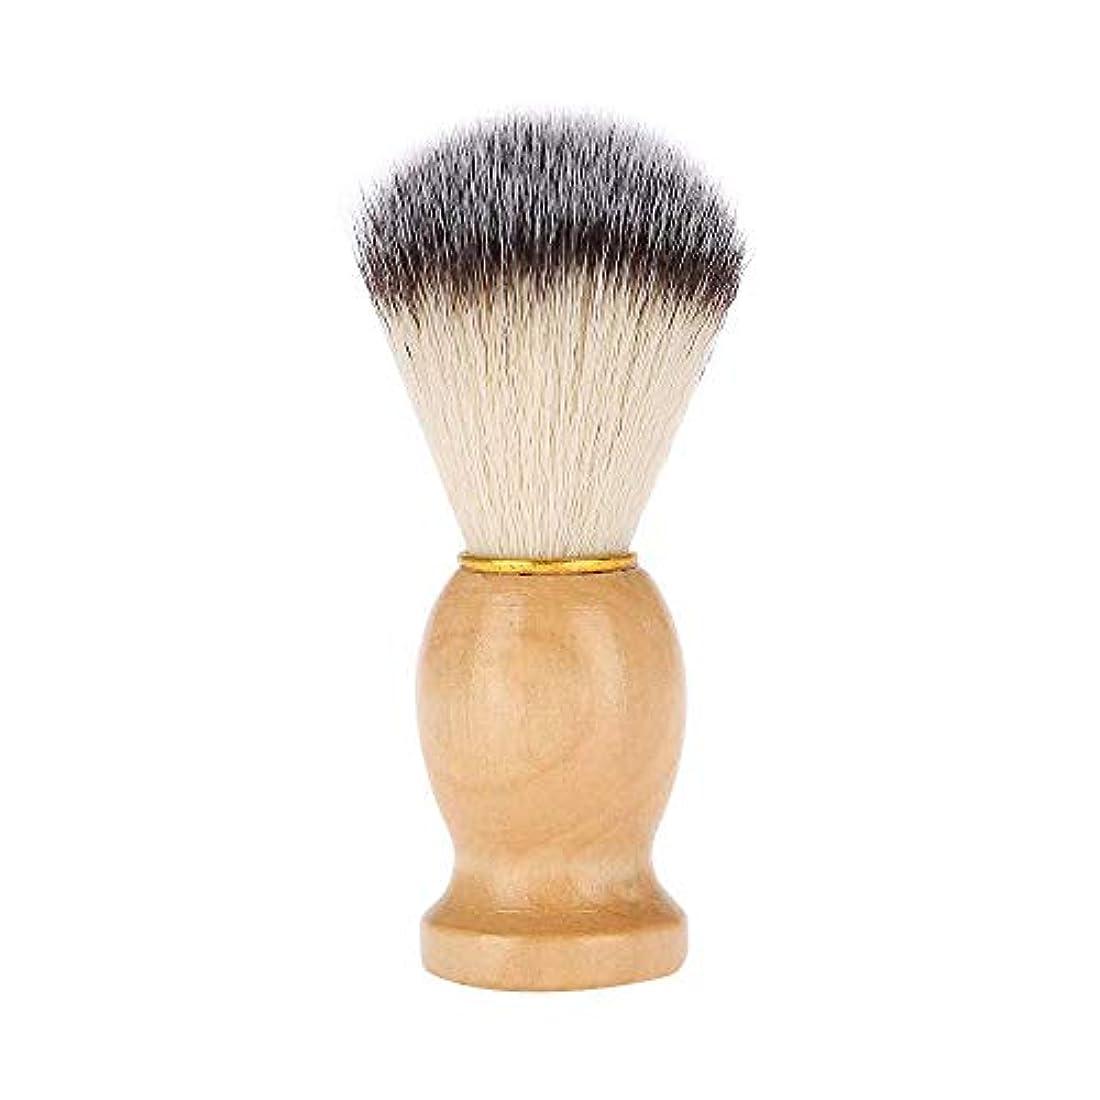 ロッカーマスタード防衛1 ひげブラシメンズシ毛髭ブラシと木製コム ェービングブラシ 美容ツール 髭剃り メンズ シェービングブラシ ポータブルひげ剃り黄